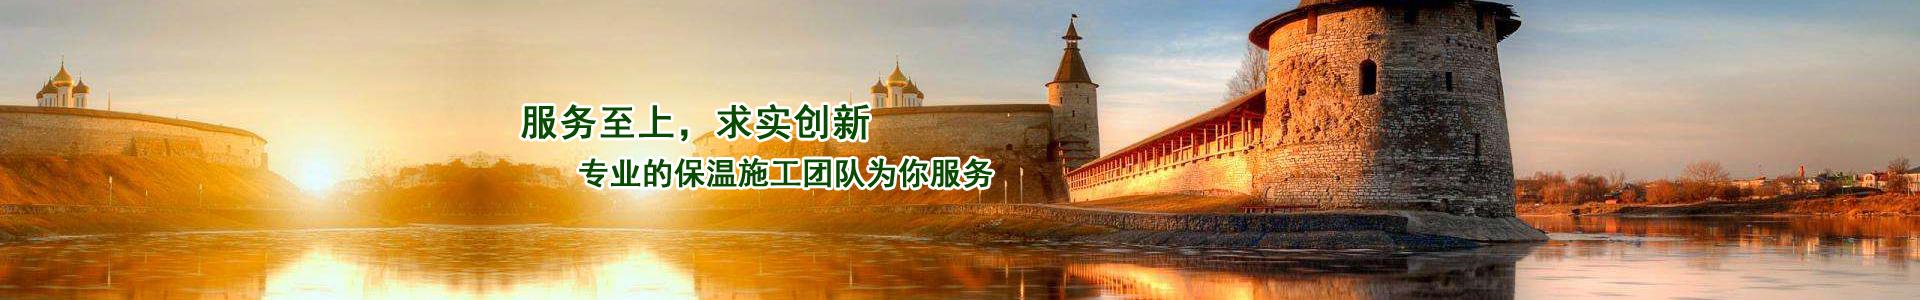 重庆保温材料